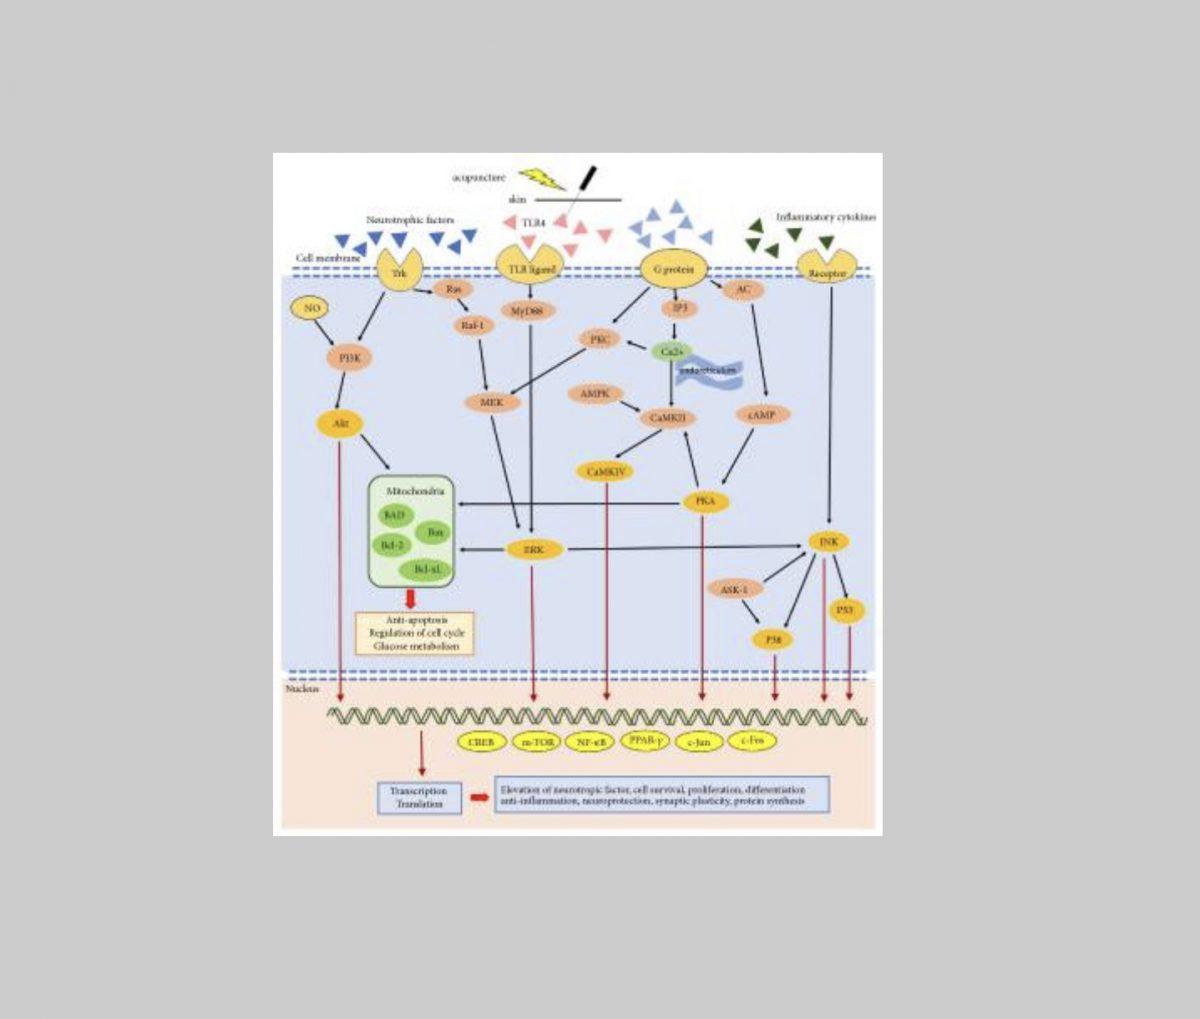 Funcionamiento de la acupuntura en enfermedades neurológicas